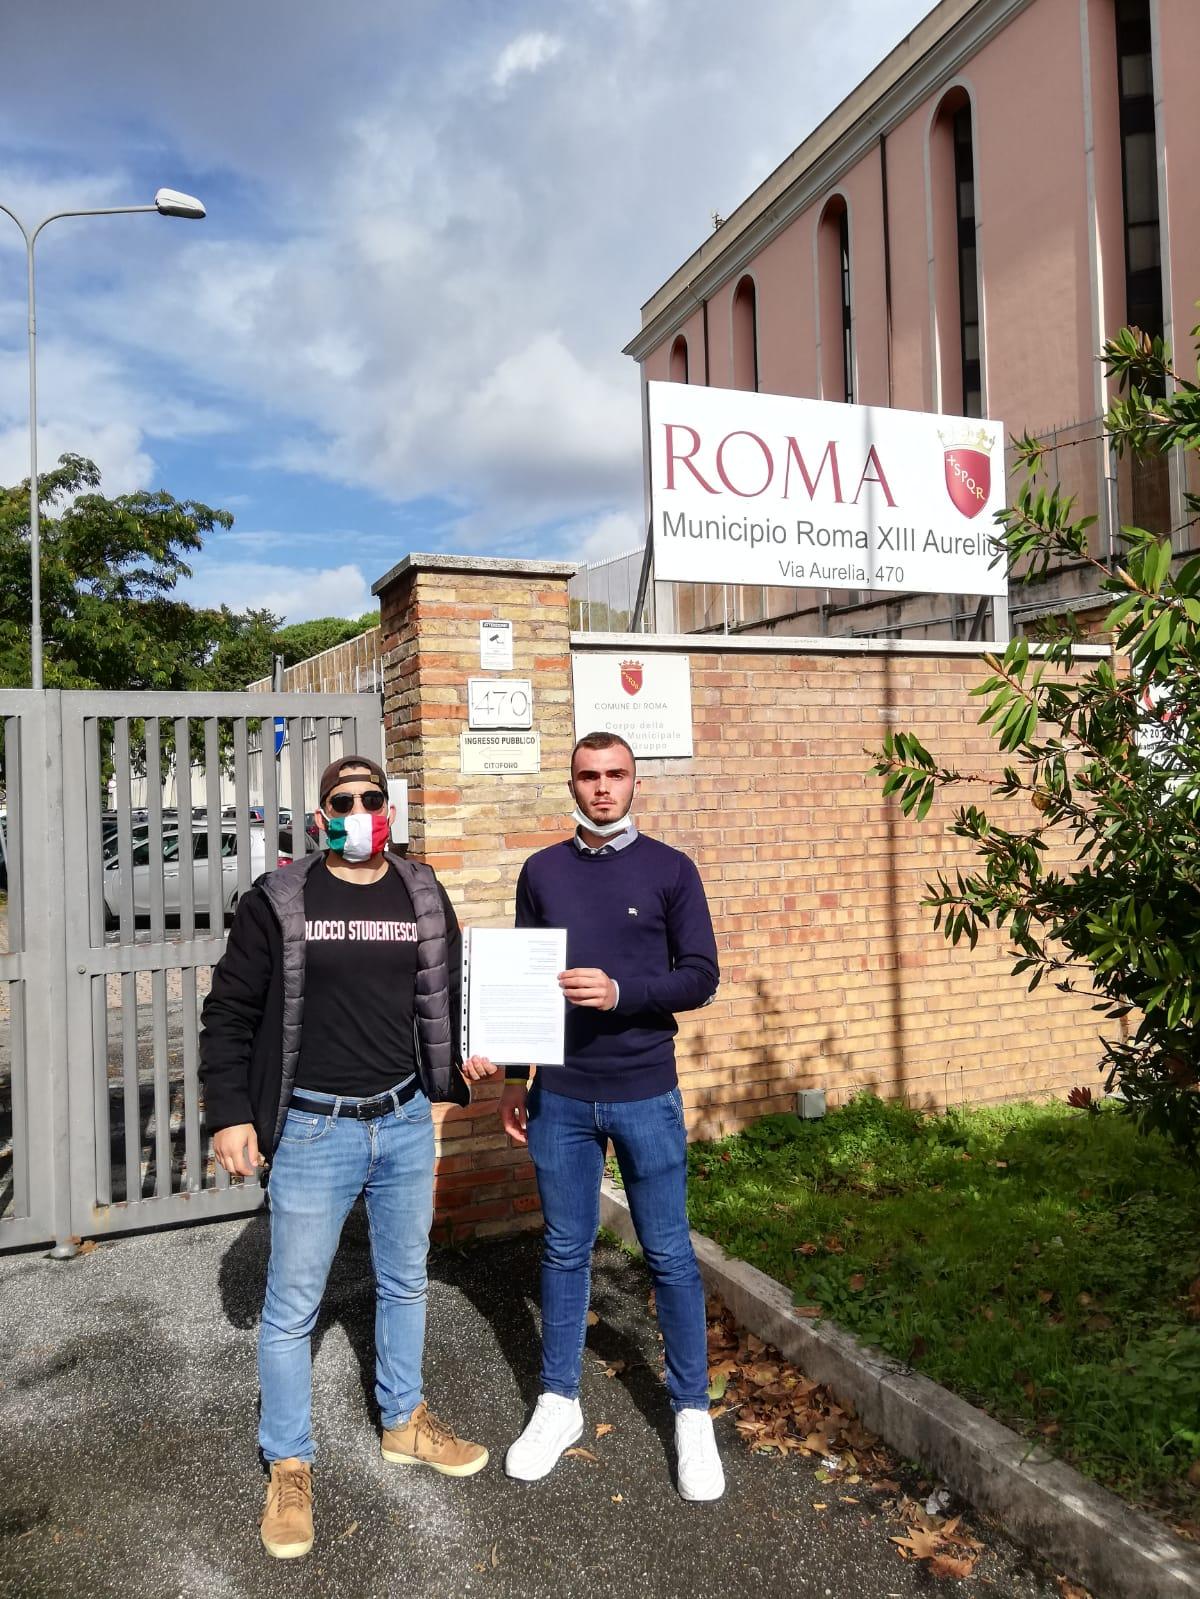 BLOCCO STUDENTESCO: NESSUN RIGUARDO PER GLI STUDENTI DEL LICEO SENECA